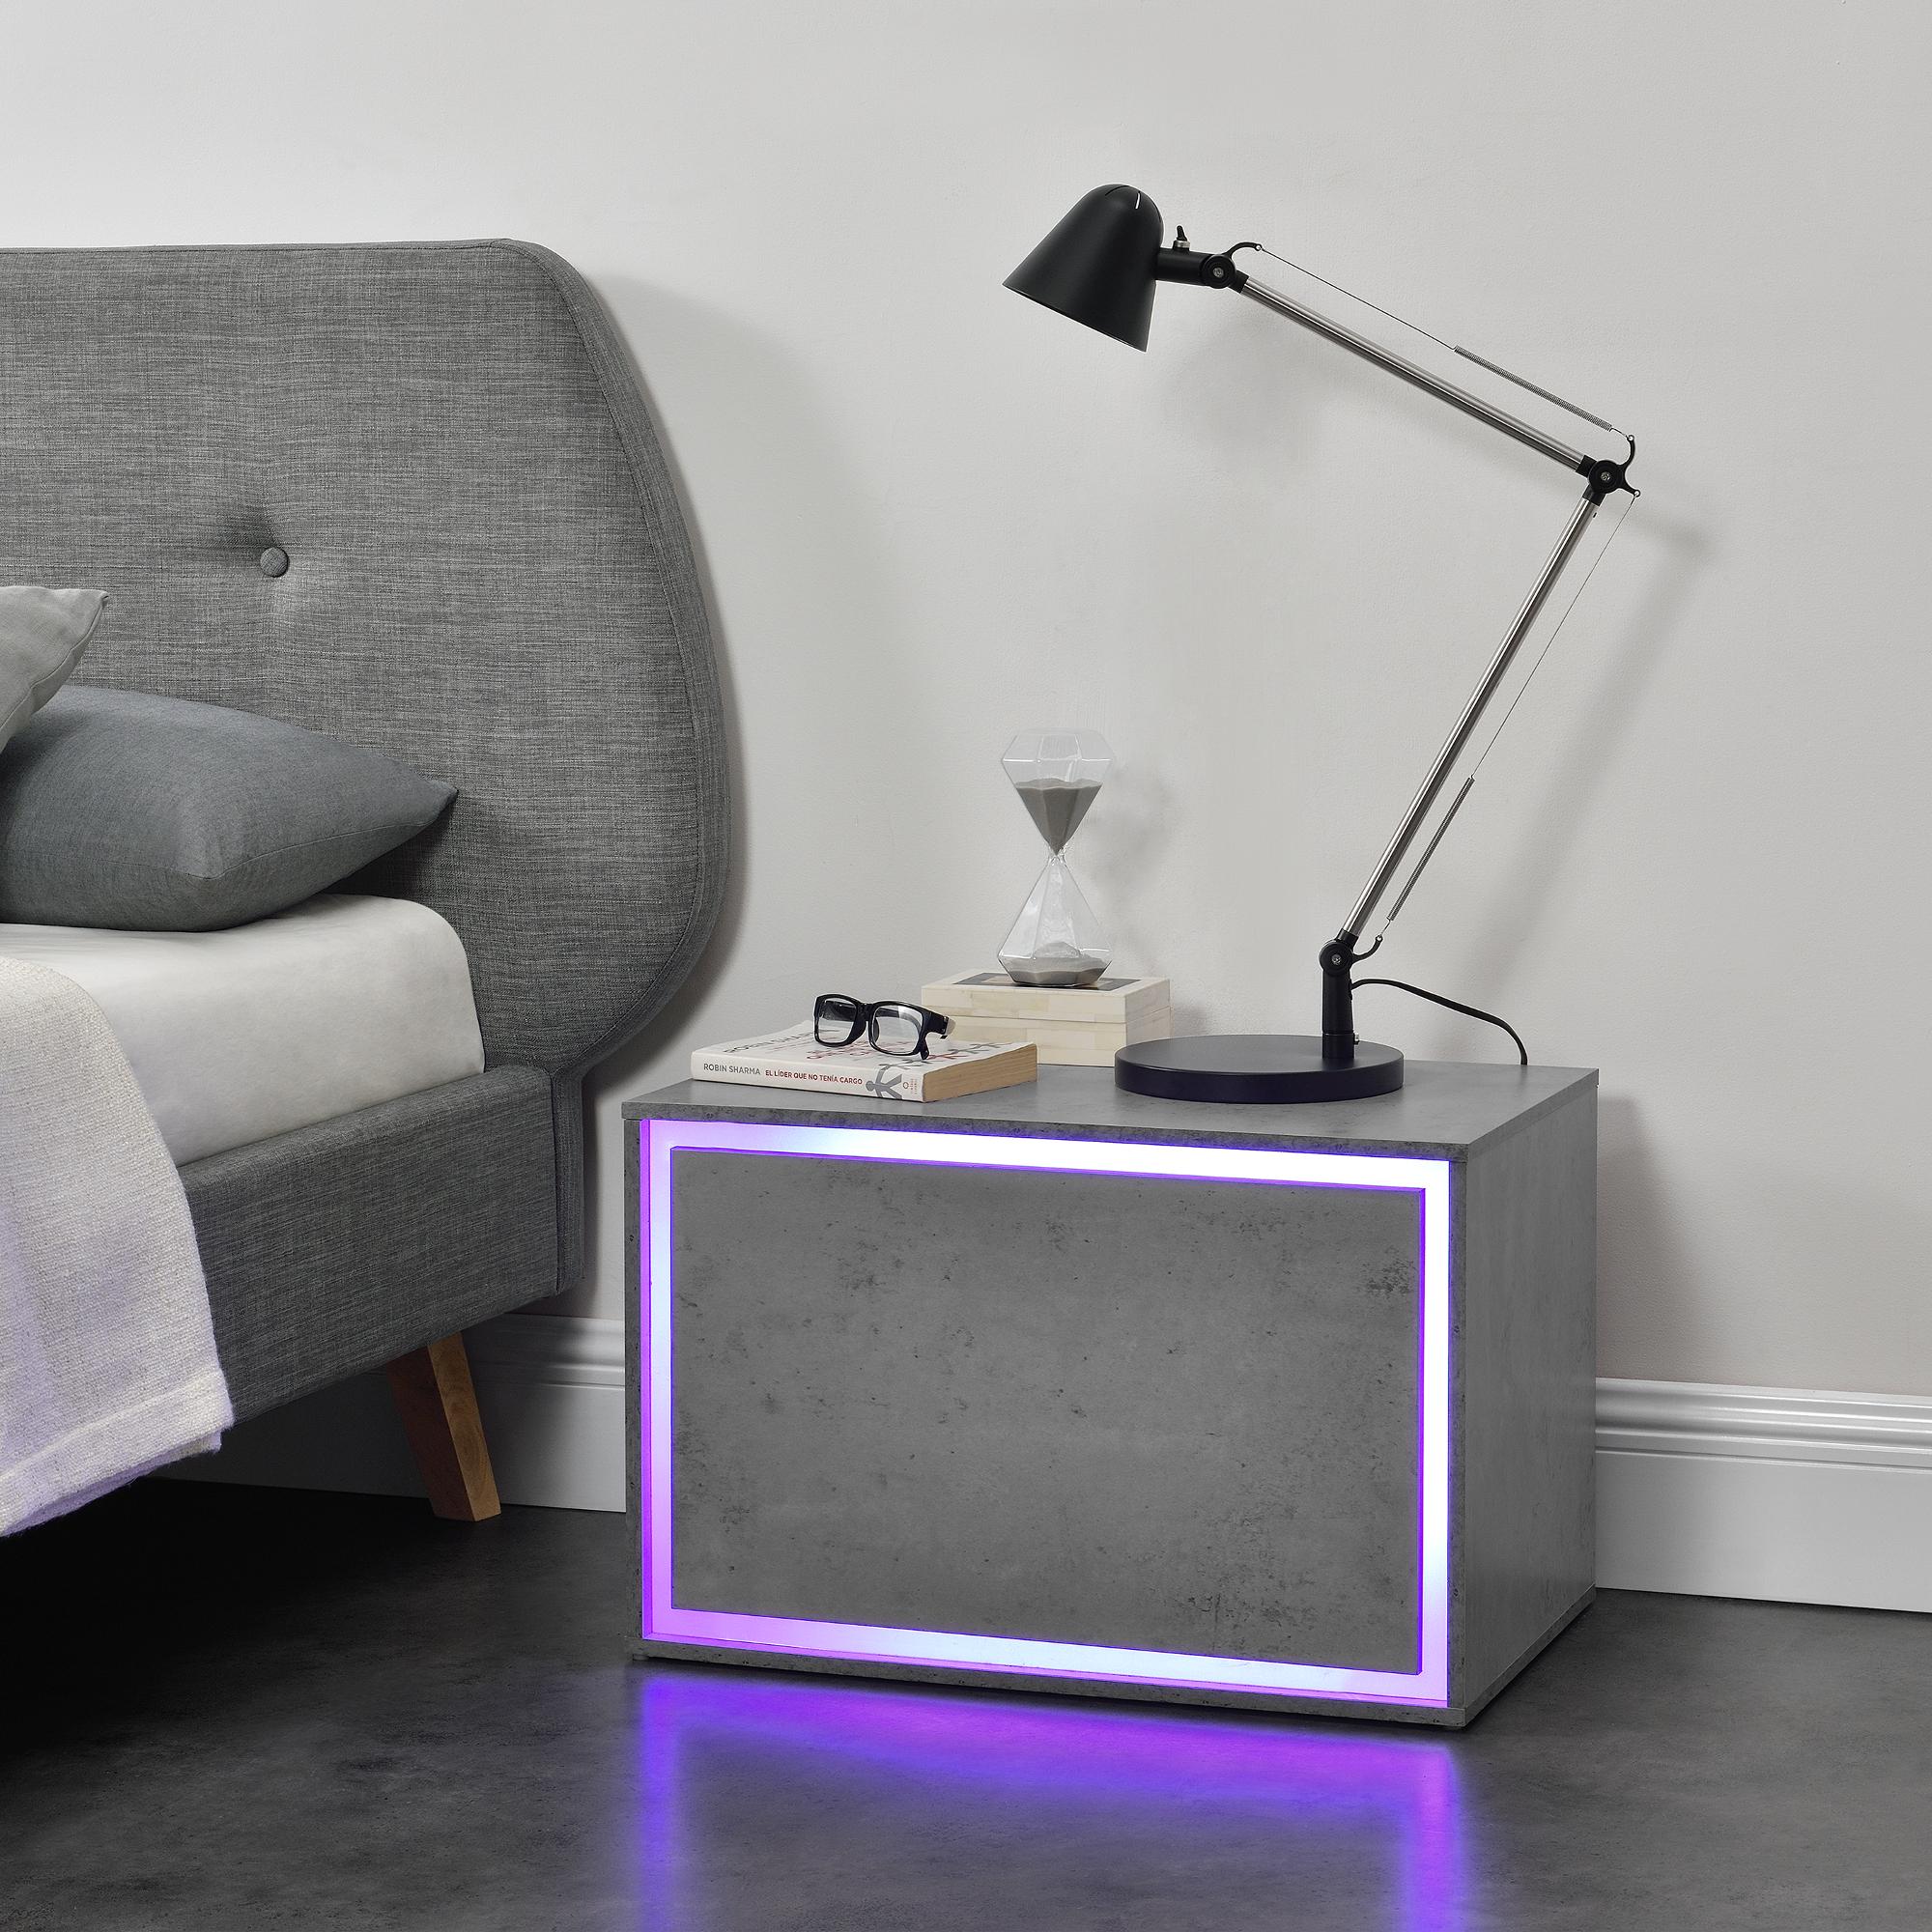 Led Camera Da Letto dettagli su en.casa comodino camera da letto a led 15 colori dimmerabili  59x36x38cm cemento